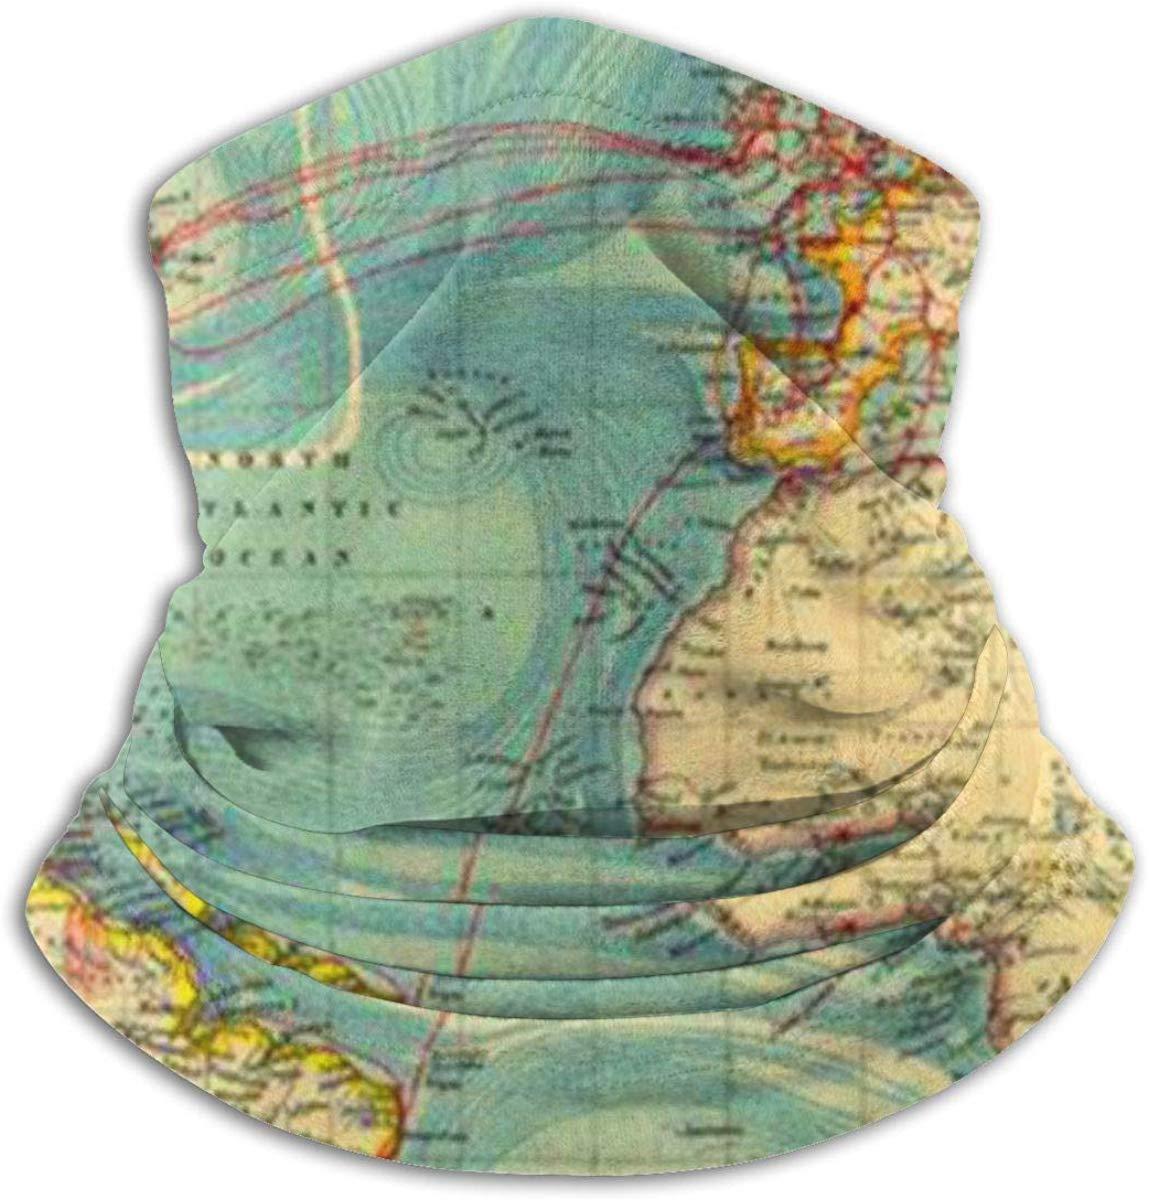 Mapa del Mundo de Estilo Vintage Unisex Invierno Fleece Neck Warit Polainas Hairband Tubo para Clima fr/ío M/áscara Facial Bufanda t/érmica Cuello Exterior UV Protection Party Cover